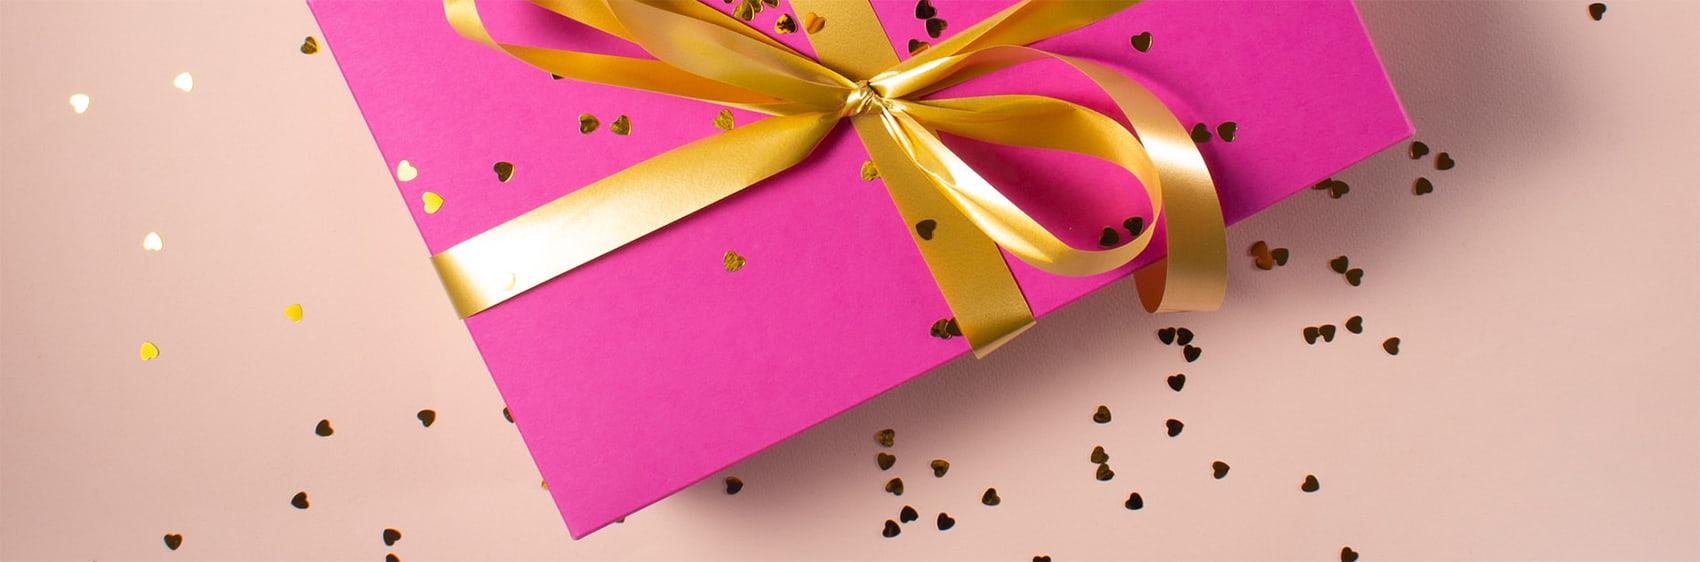 SequinQueen Gift Voucher